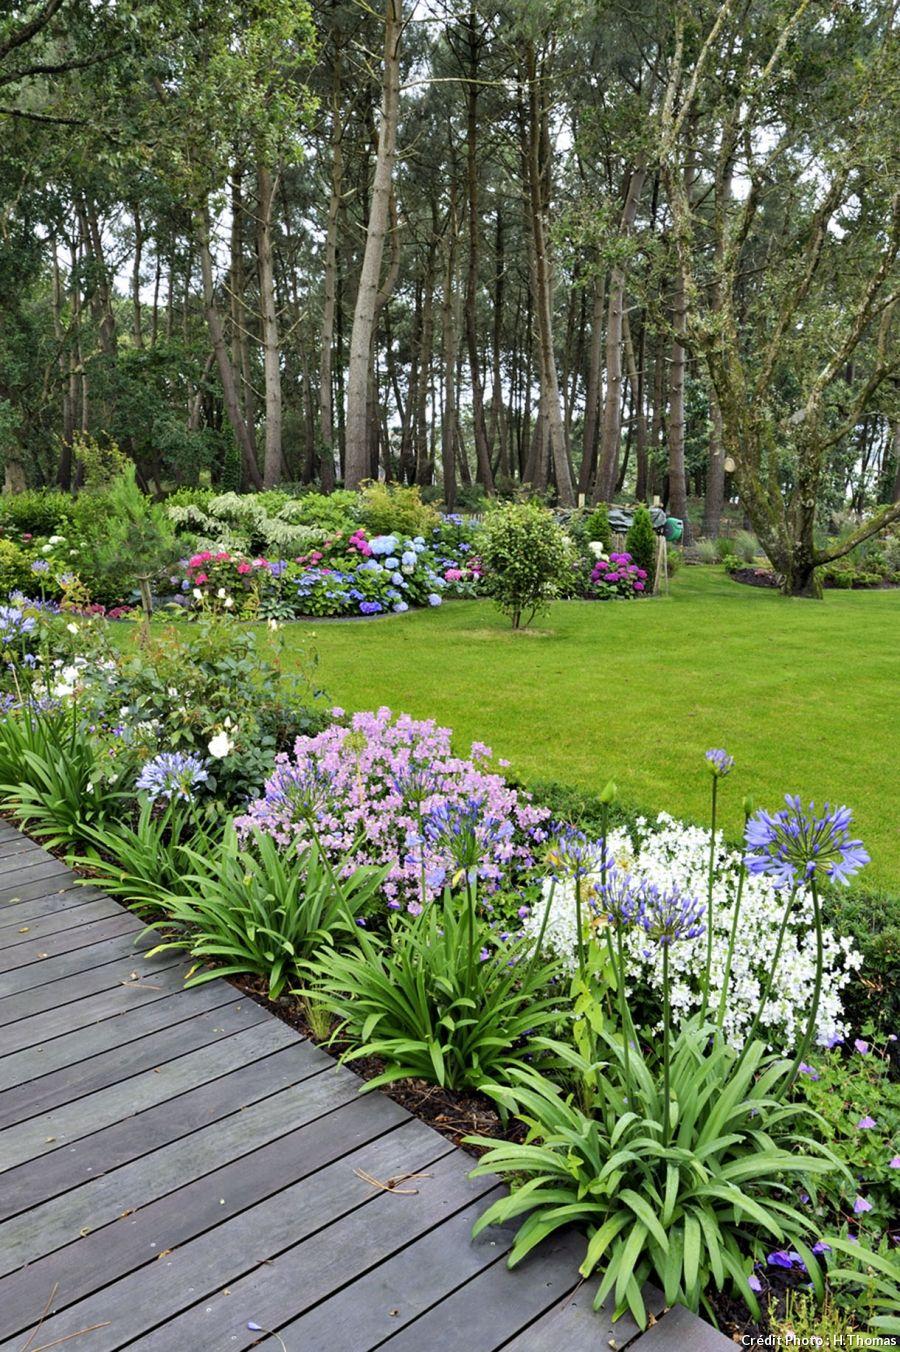 un jardin breton d agapanthes et d hortensias bleus v sadby pinterest les agapanthes les. Black Bedroom Furniture Sets. Home Design Ideas